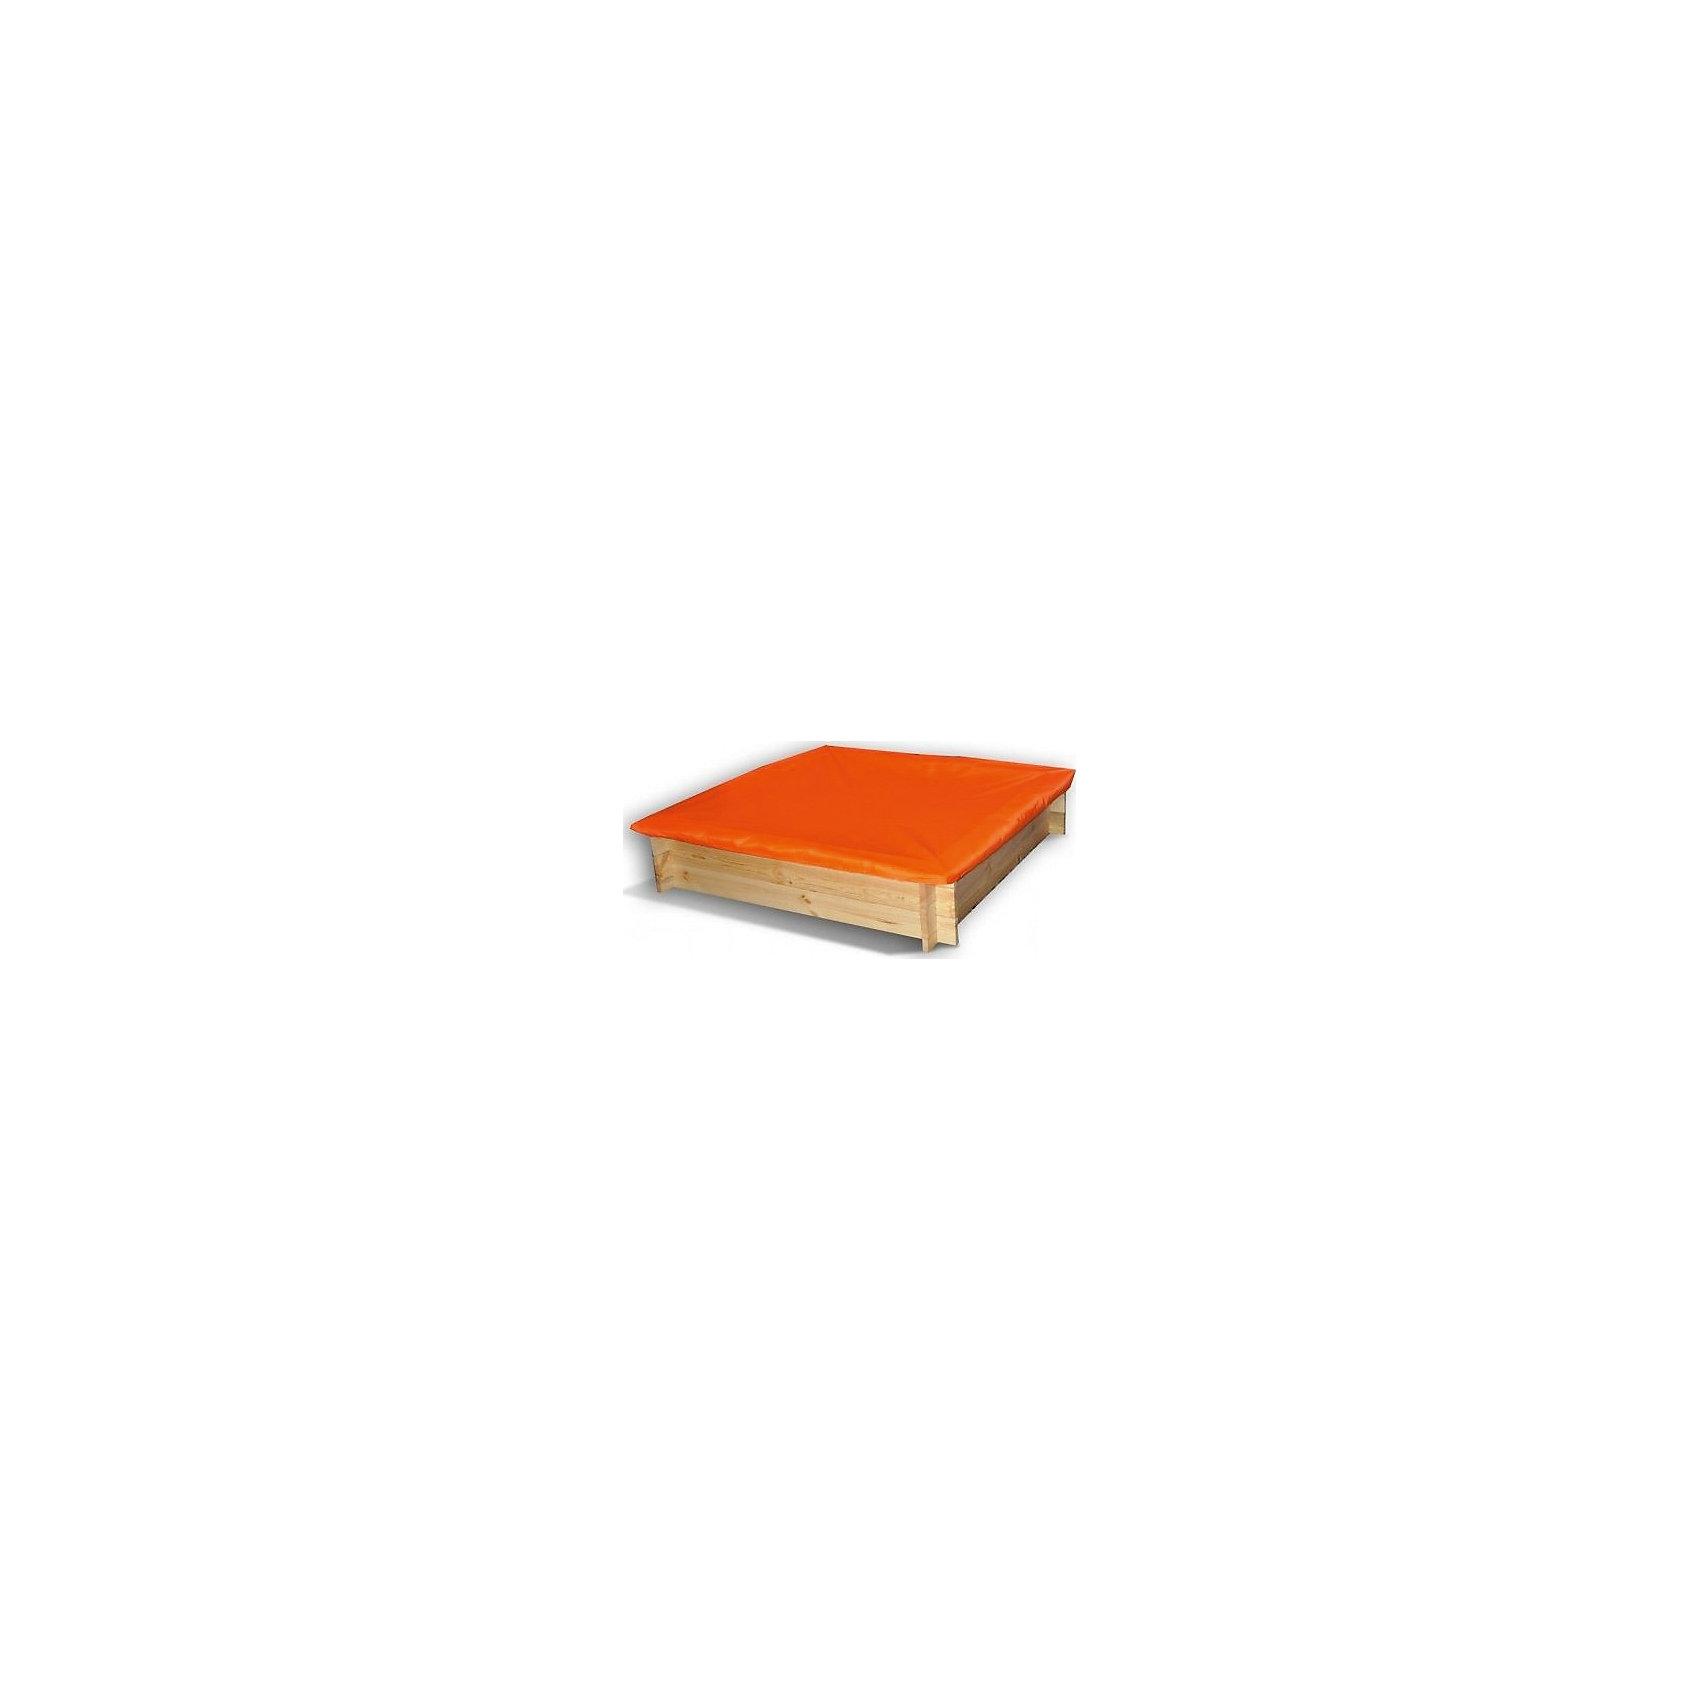 Защитный чехол для песочниц, оранжевый, PAREMO